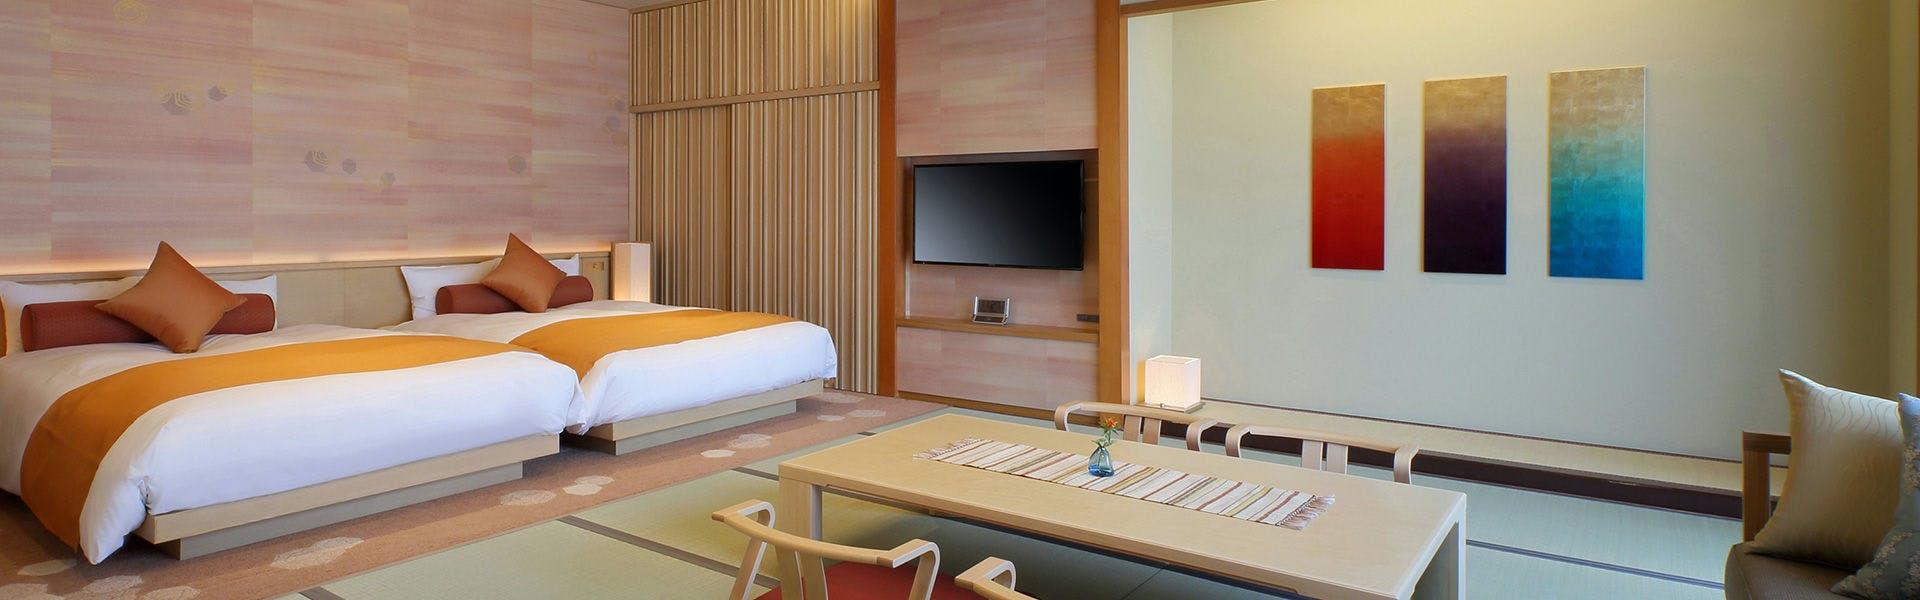 記念日におすすめのホテル・【ホテルメトロポリタン山形】 の空室状況を確認するの写真3